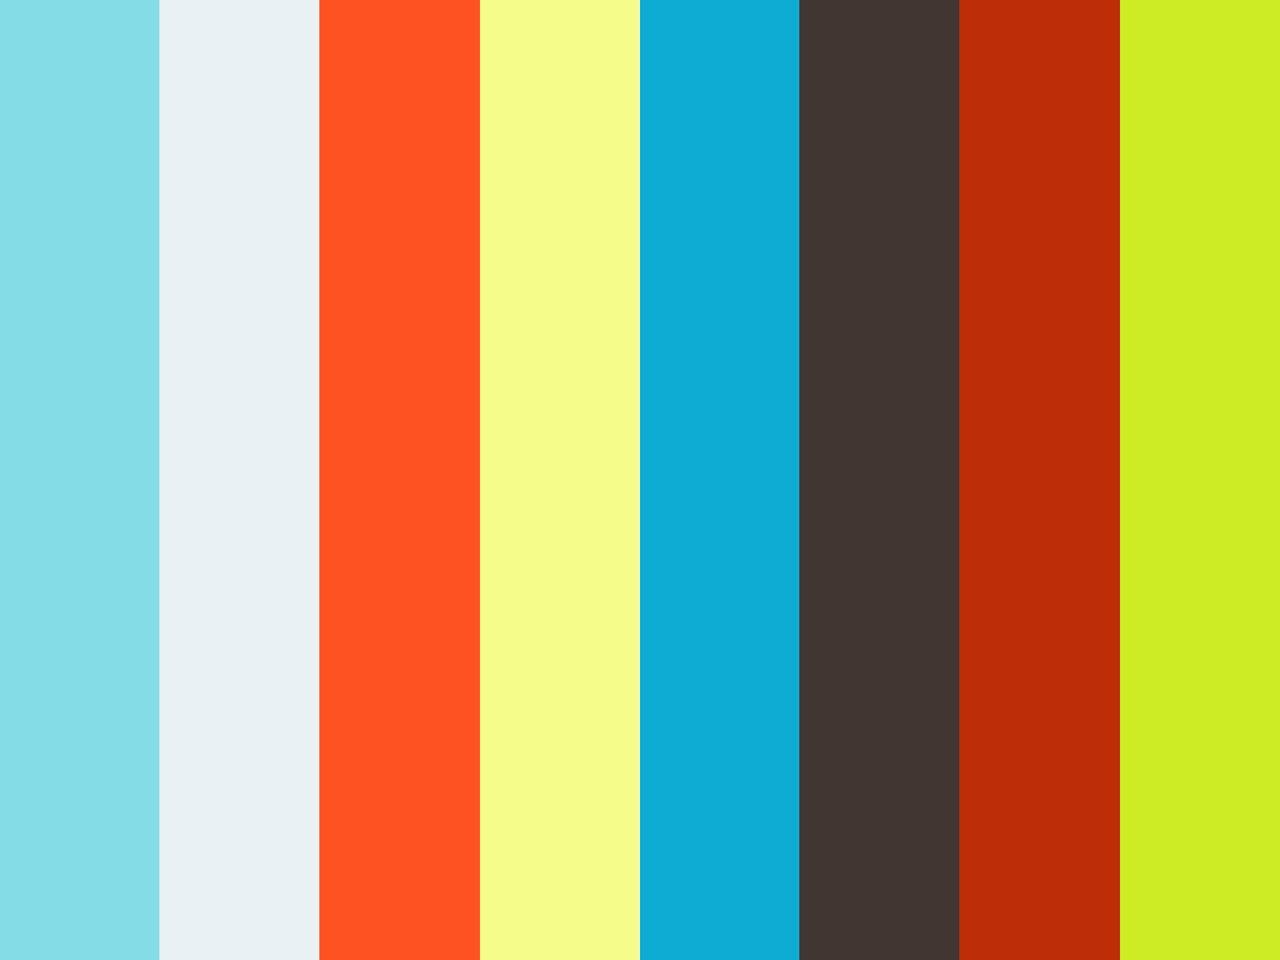 ¡Ay! Phone. Una idea de la DGT con Tricicle | R* Publicidad